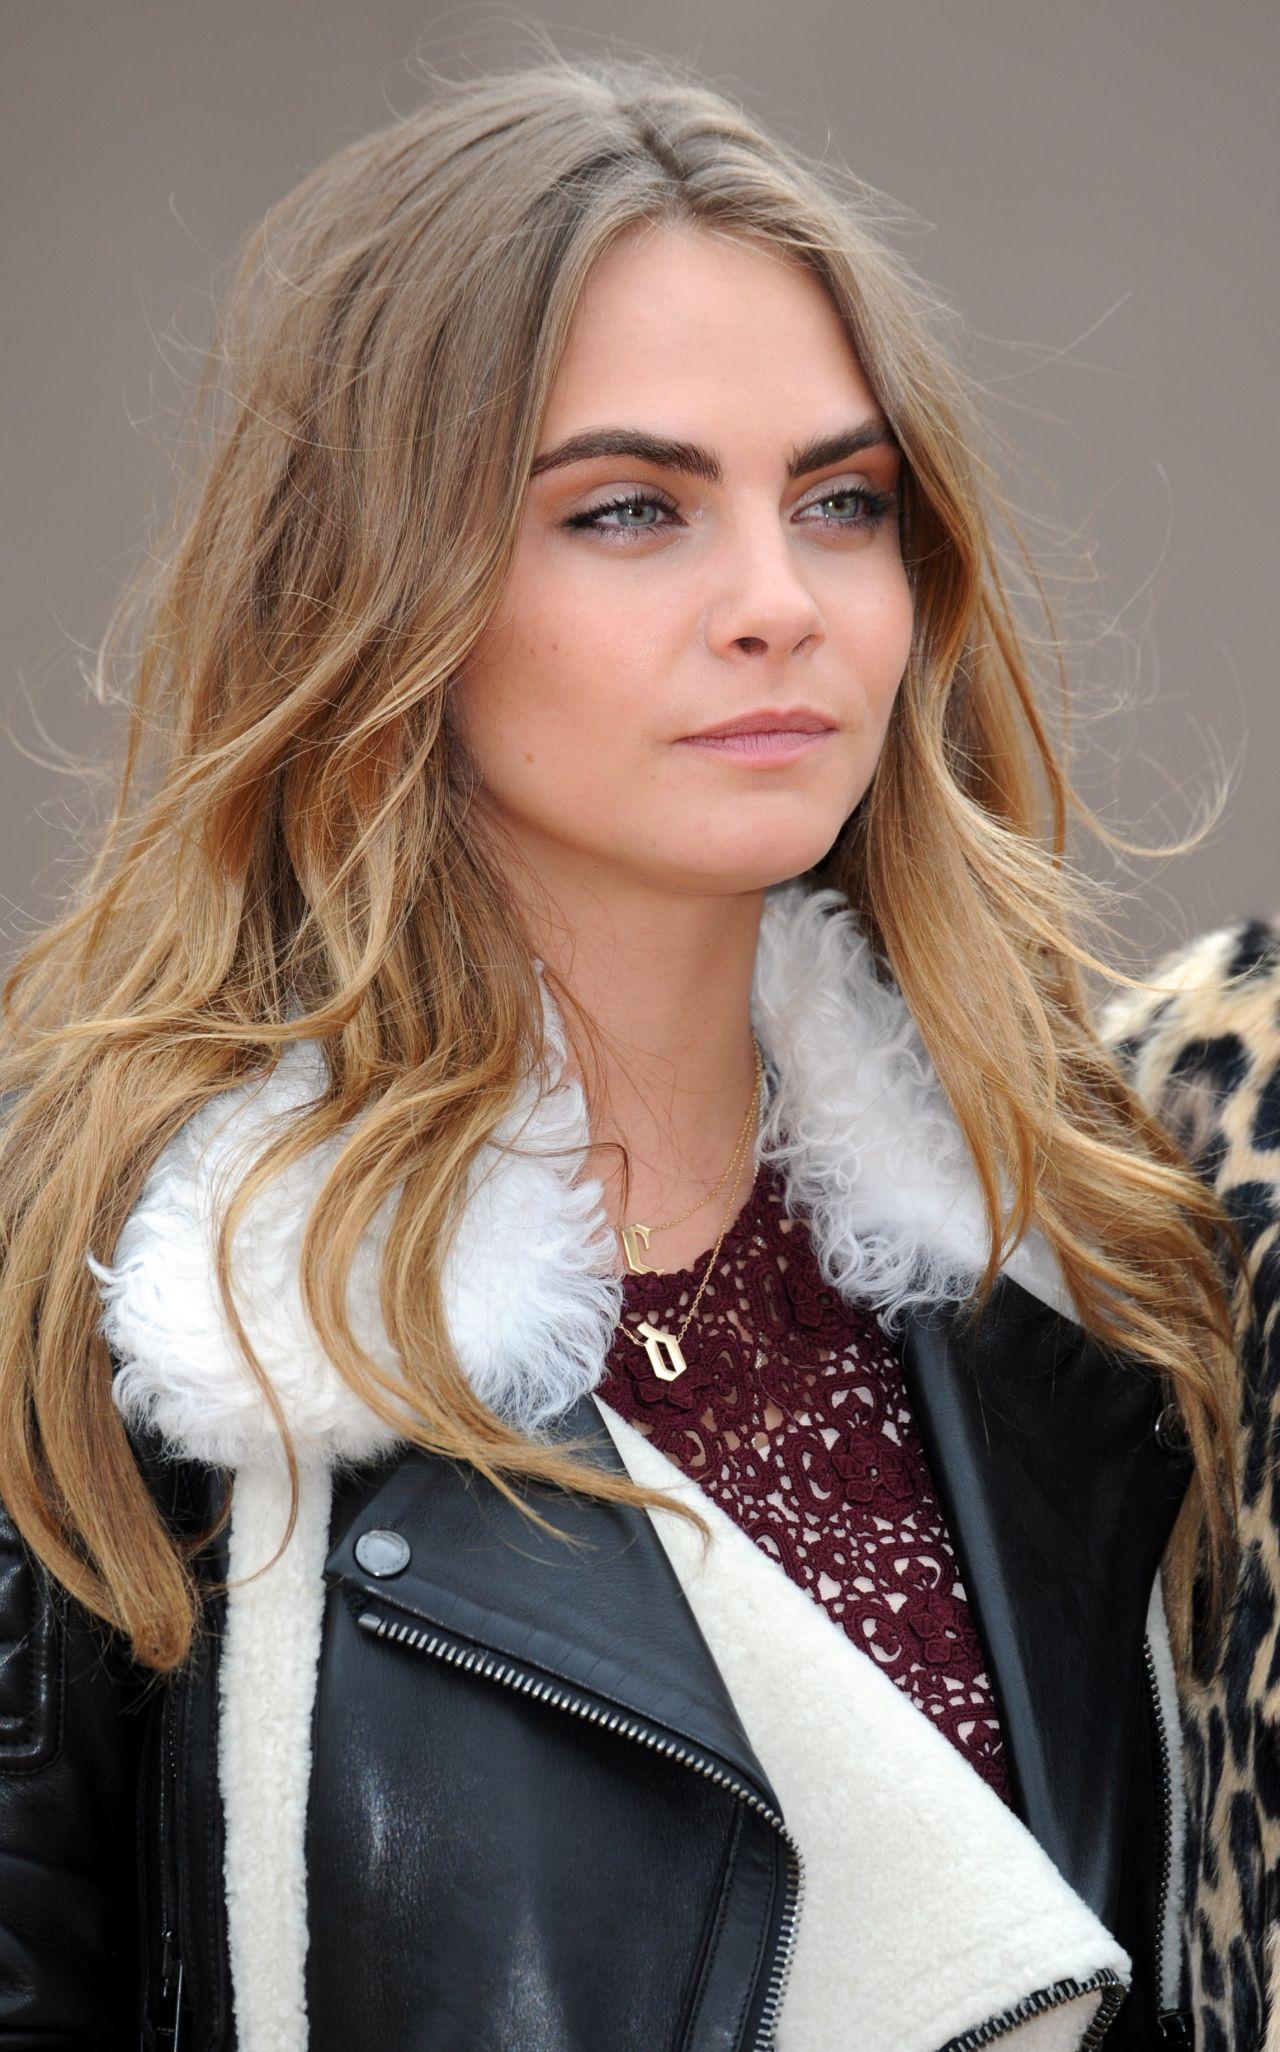 Cara Delevingne - 2015 Celebrity Photos